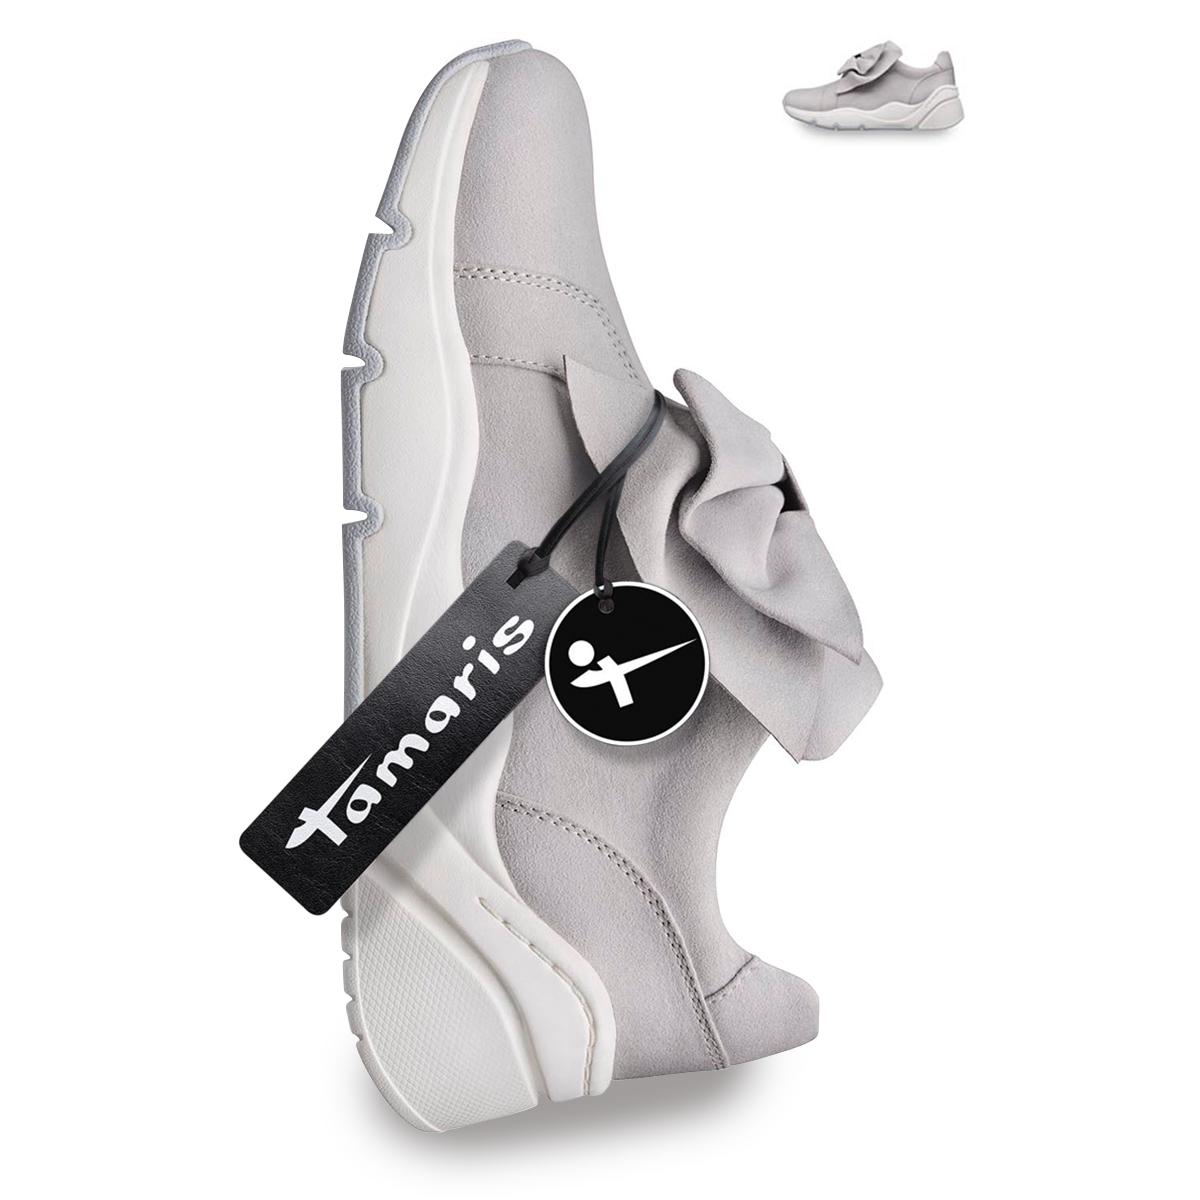 Halbschuh 1 1 24708 20 Extravagante Schuhe Halbschuhe Sportlicher Look